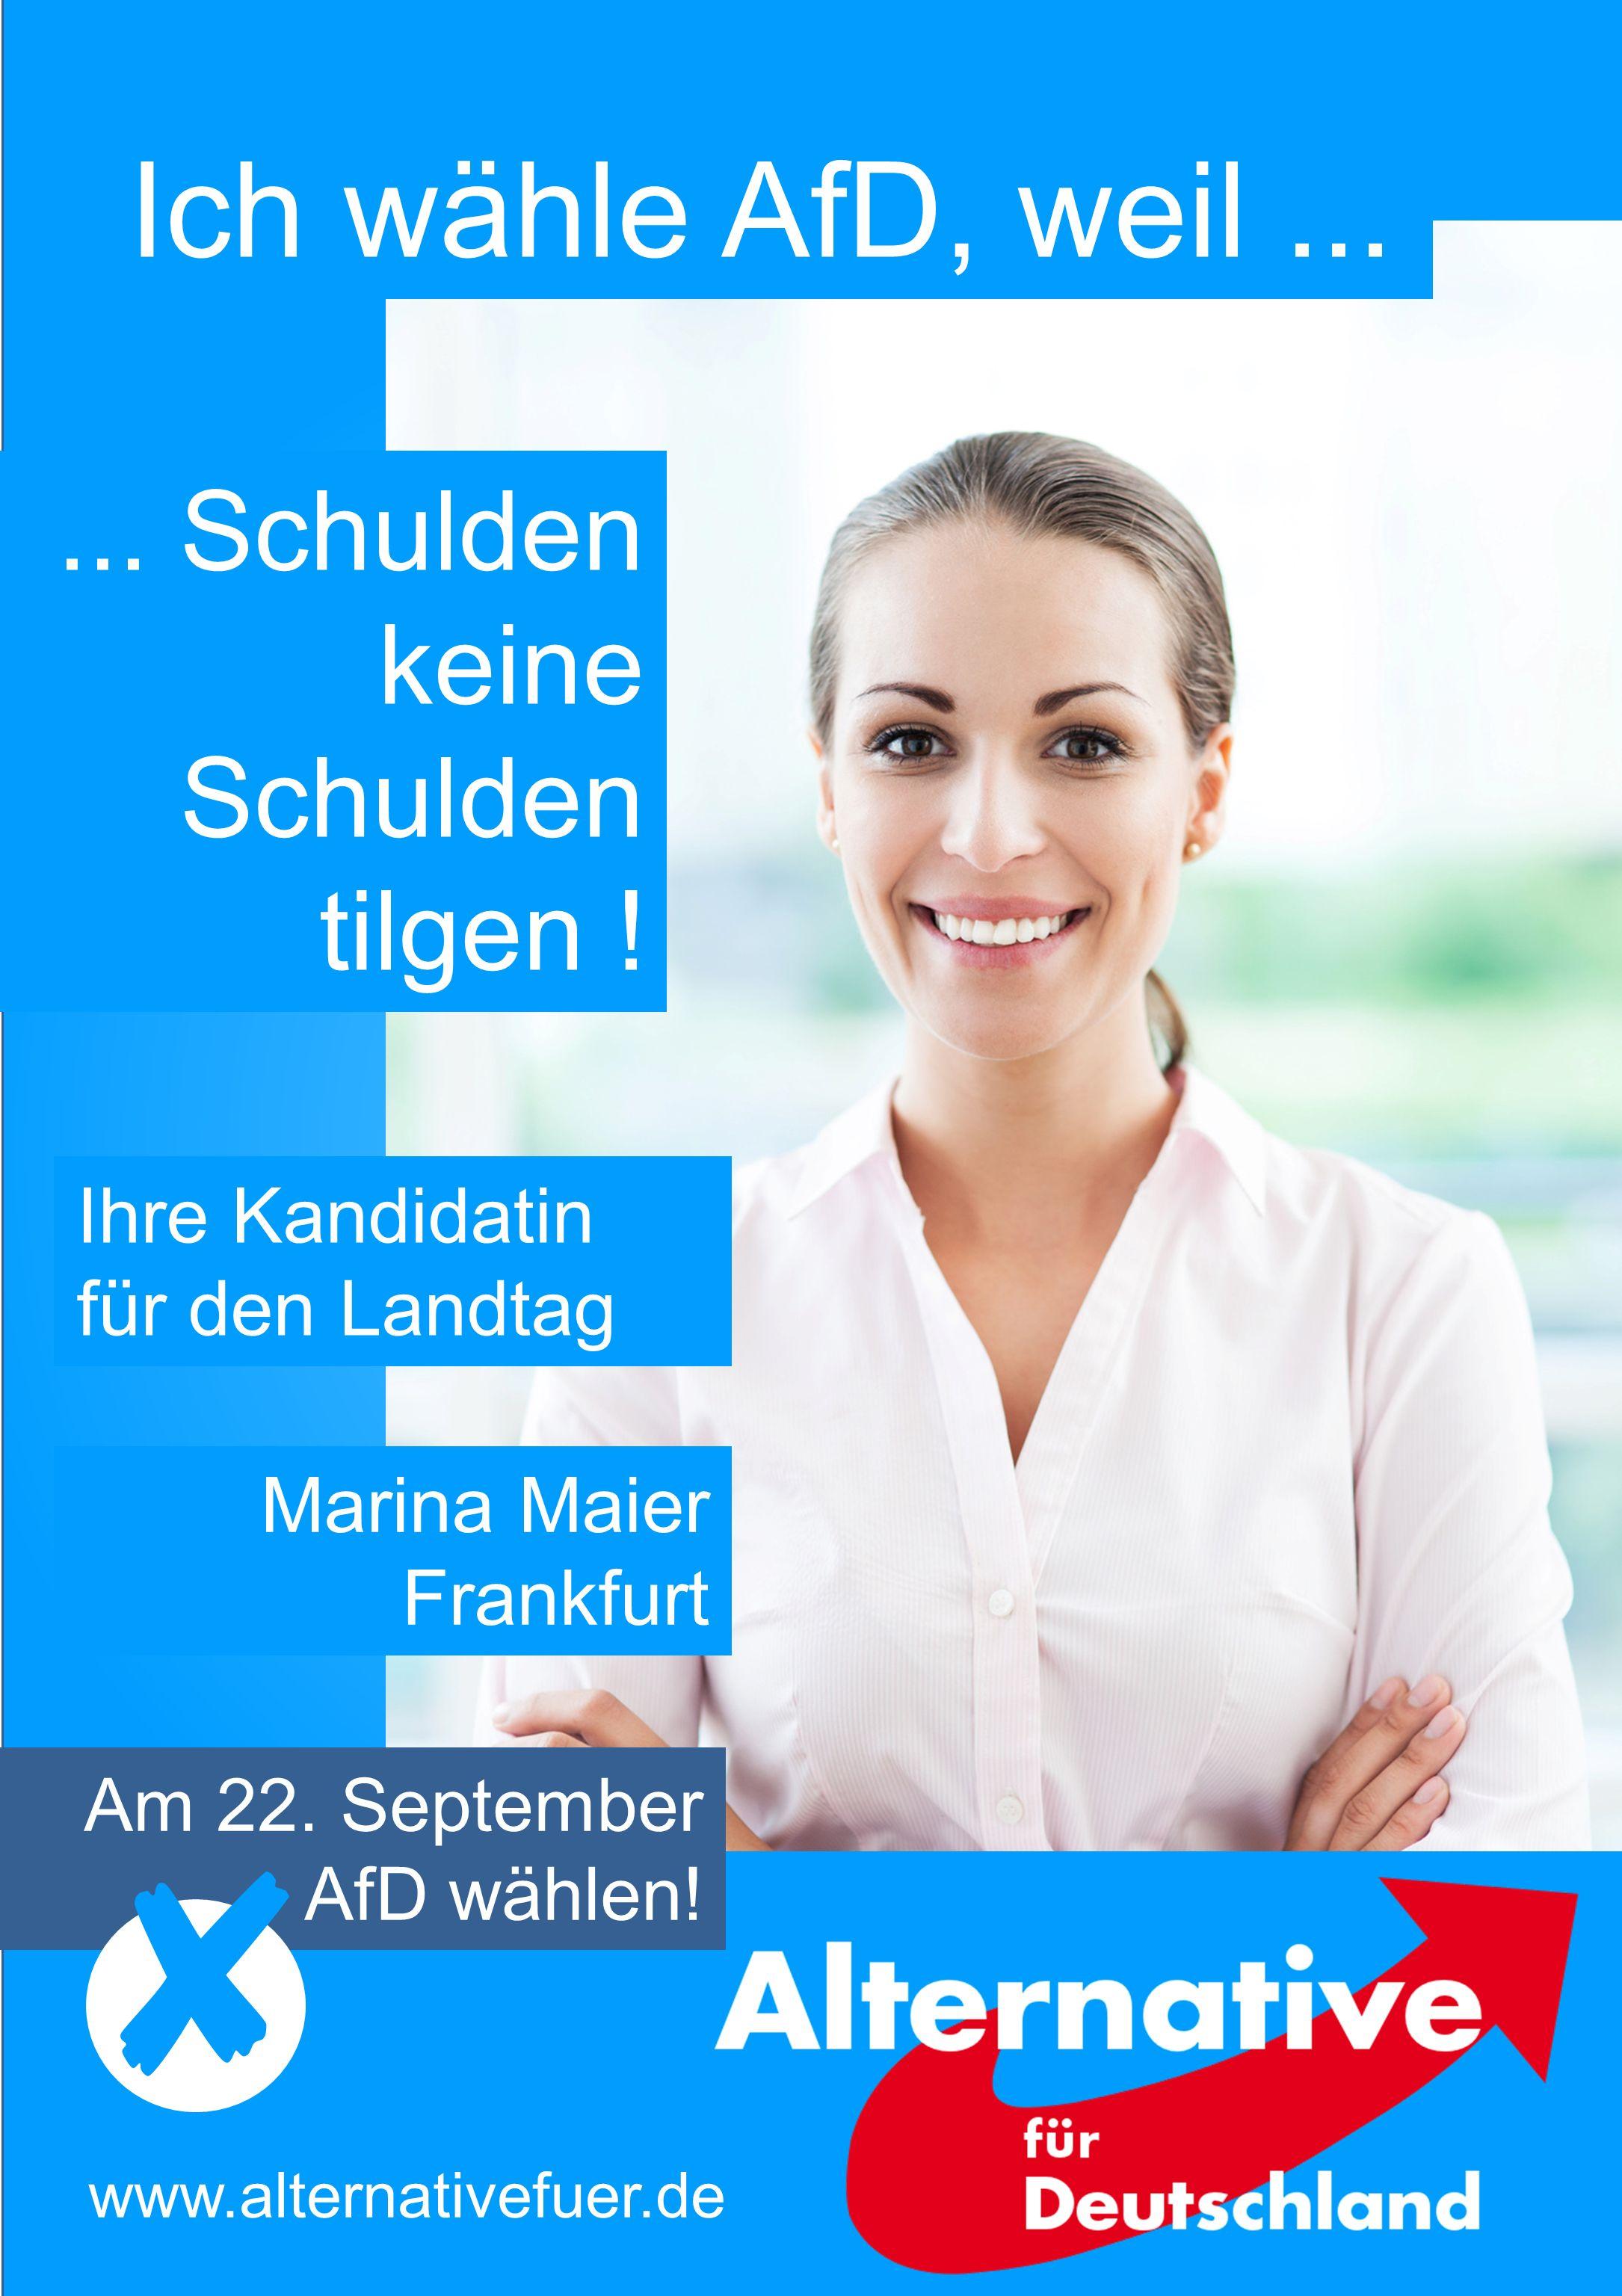 Ich wähle AfD, weil... Am 22. September AfD wählen! www.alternativefuer.de Marina Maier Frankfurt Ihre Kandidatin für den Landtag... Schulden keine Sc